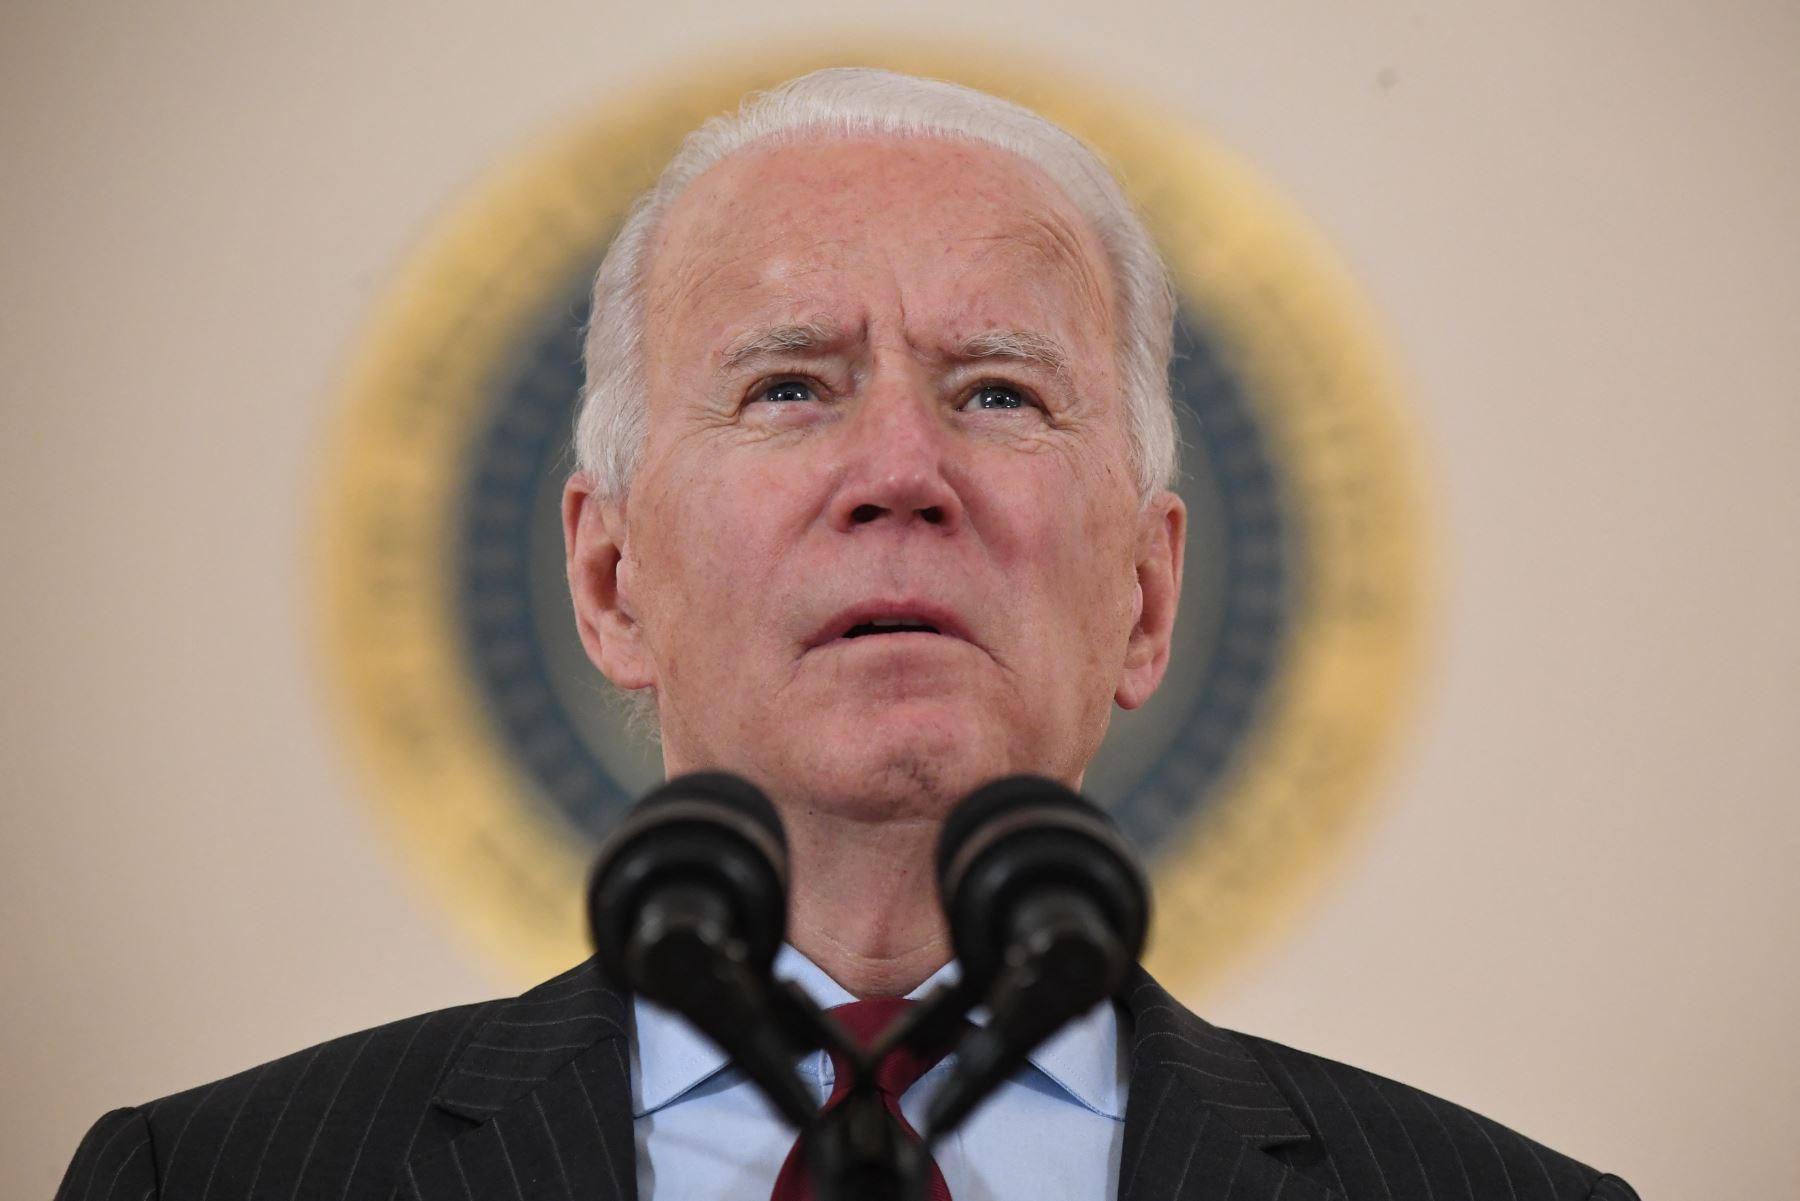 Presidente de Estados Unidos, Joe Biden, se pronunció sobre los atentados en Kabul. Foto: AFP